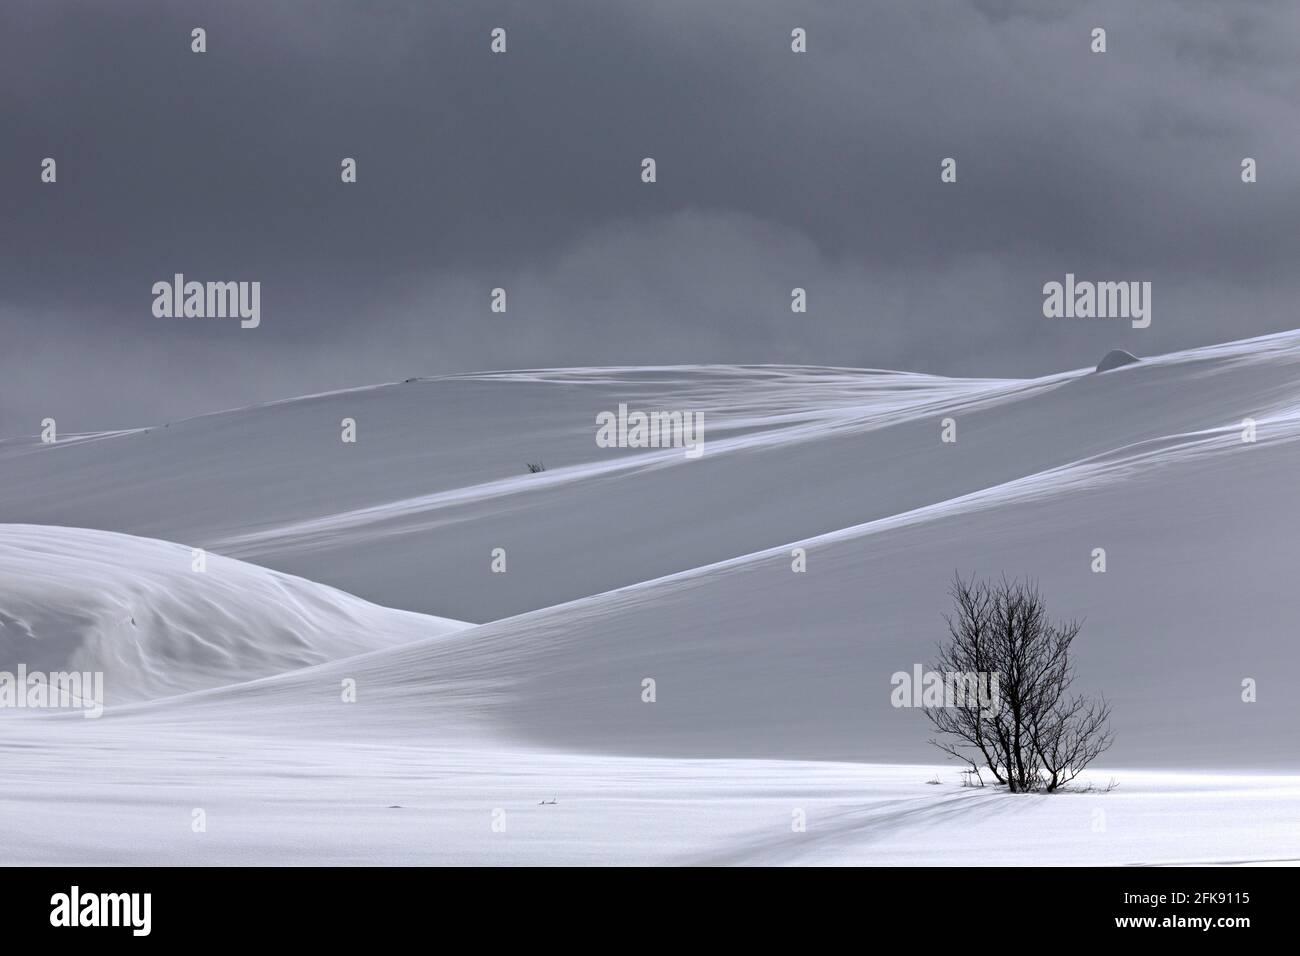 Abedul solitario en paisaje nevado en el Parque Nacional Dovrefjell-Sunndalsfjella en invierno, Noruega Foto de stock